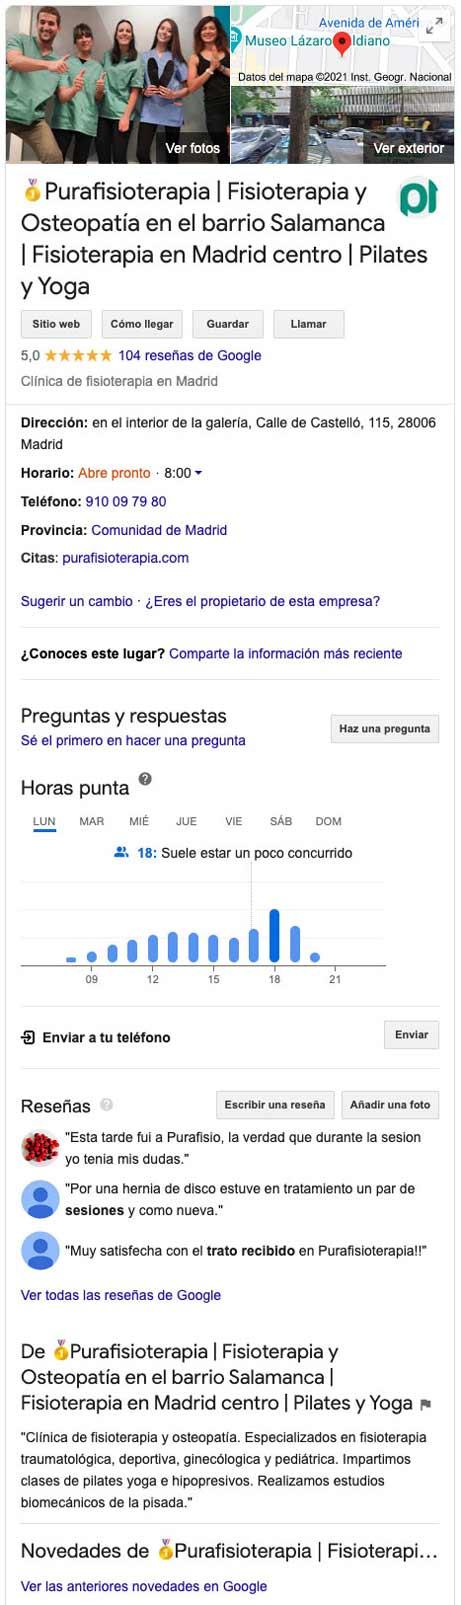 optimizacion de google my business